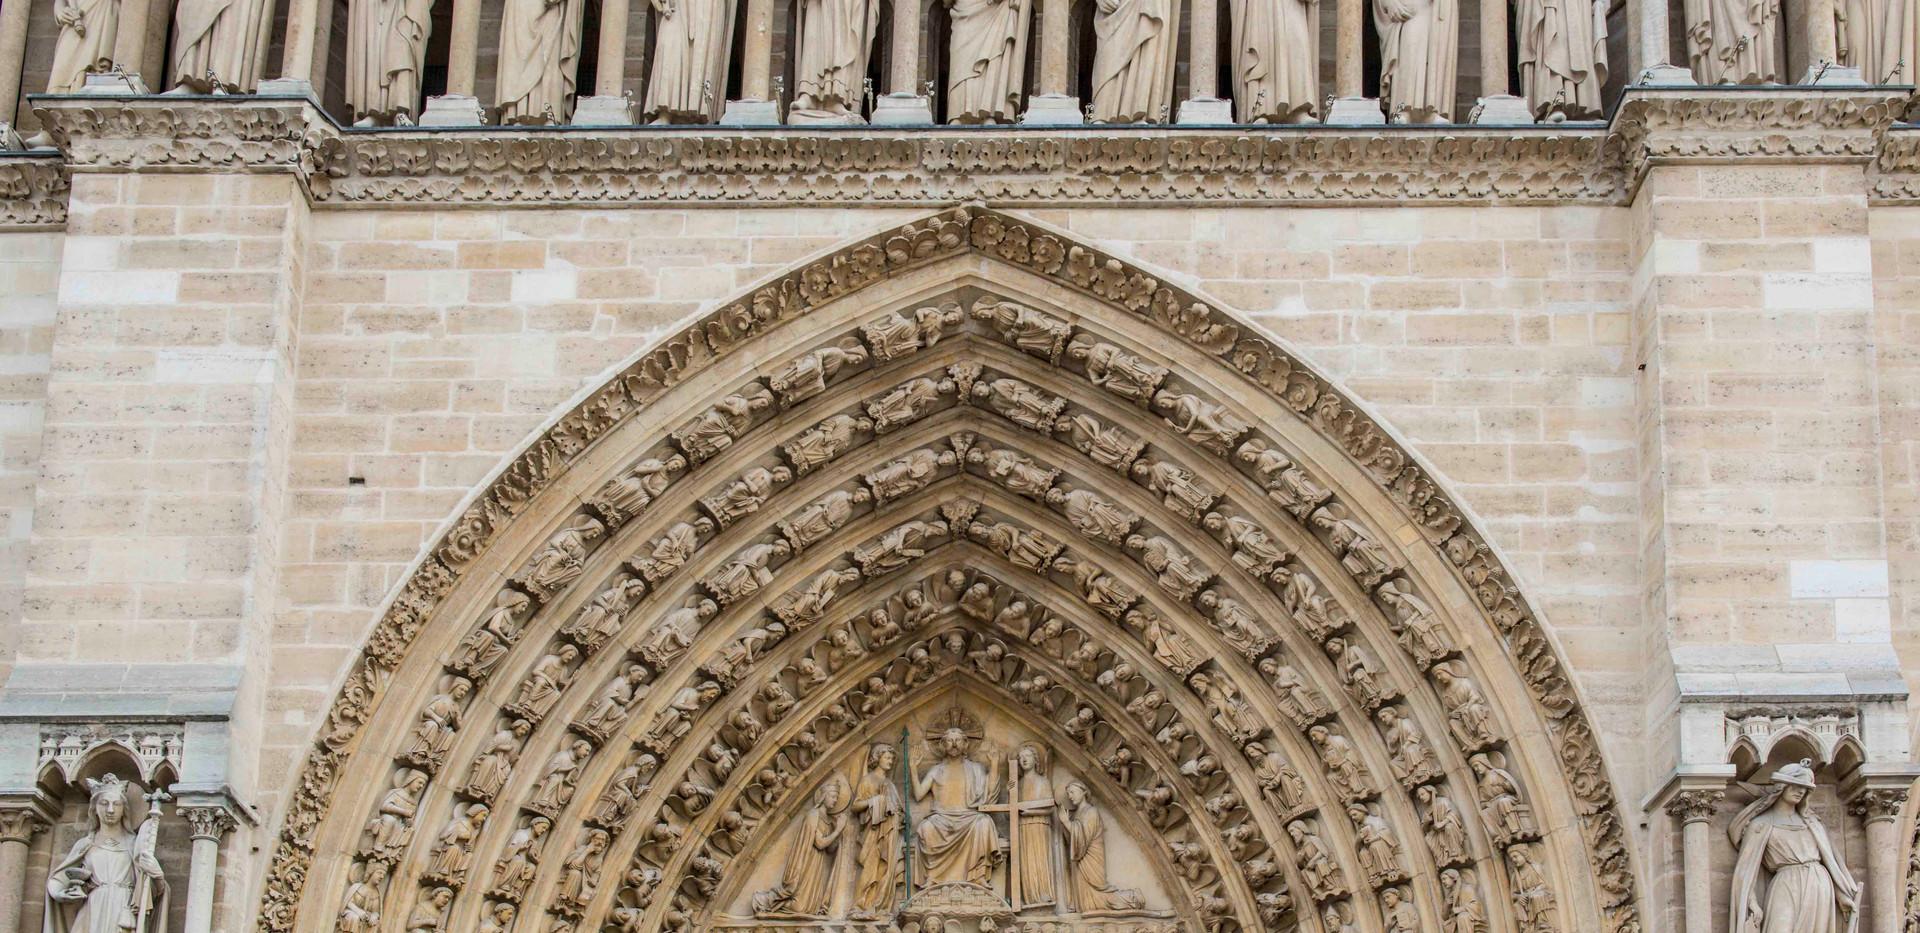 Notre Dame Main Entrance Arch